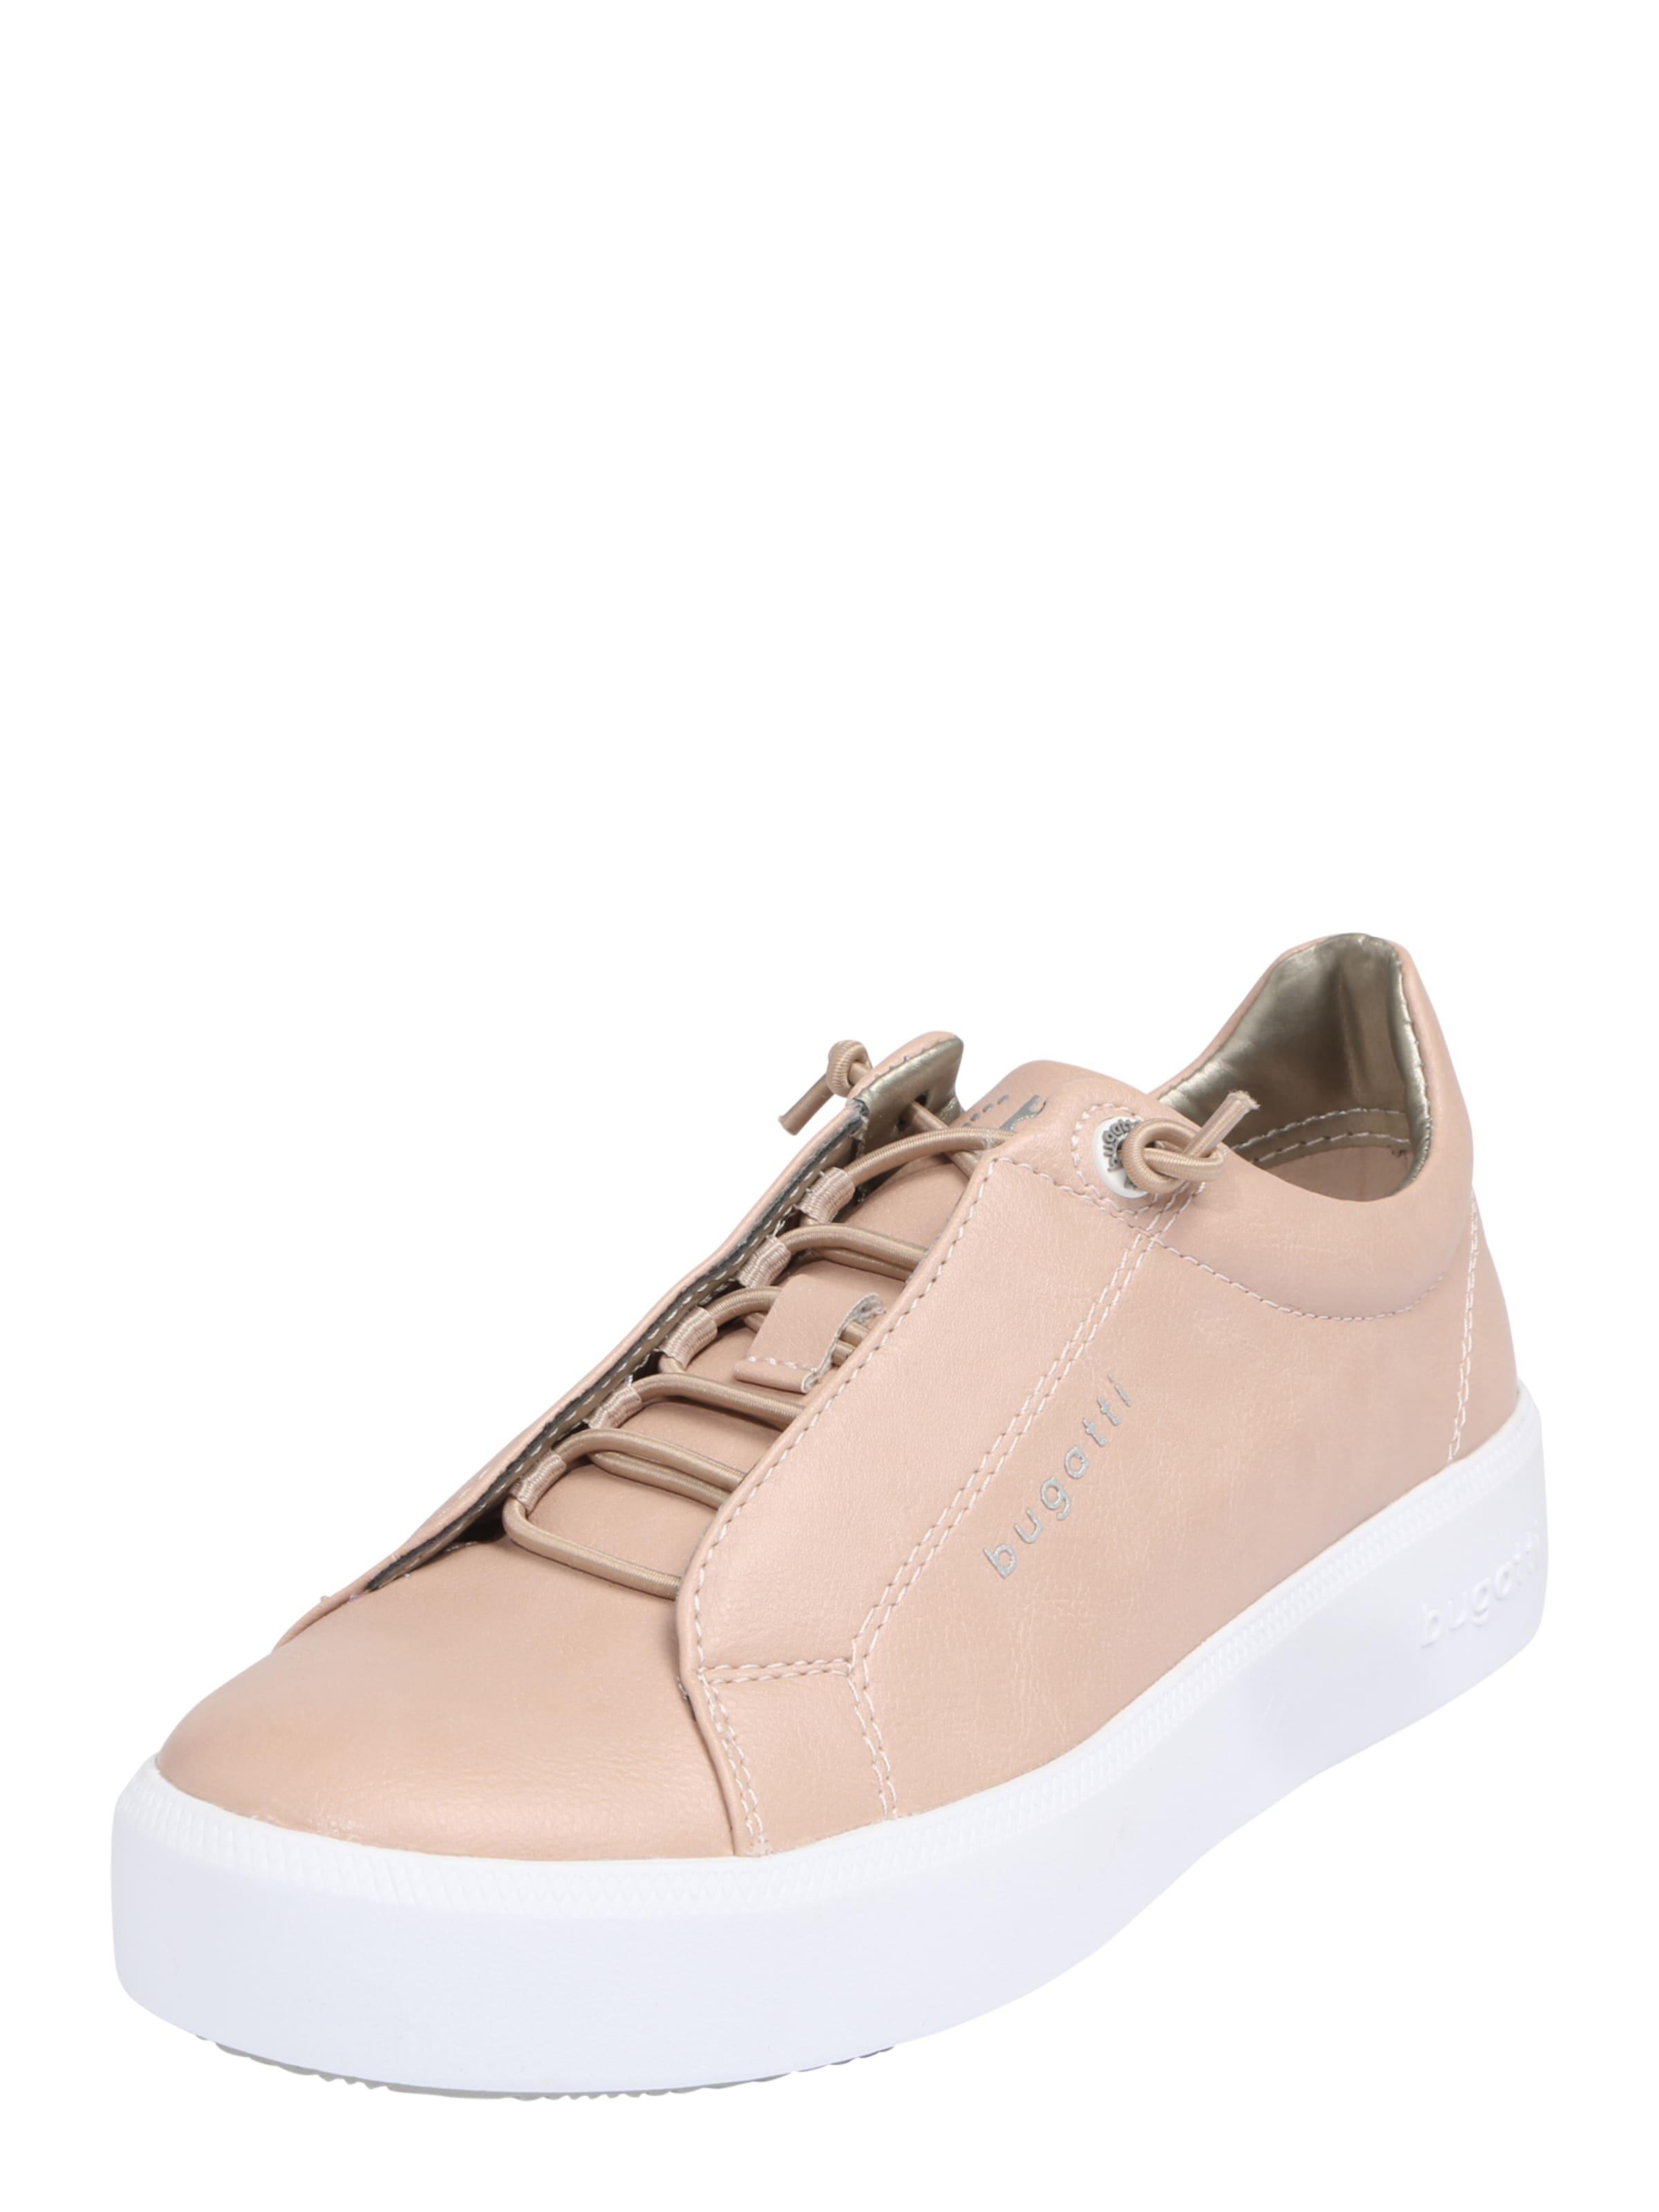 bugatti Sneaker mit Glitzereffekt Verschleißfeste billige Schuhe